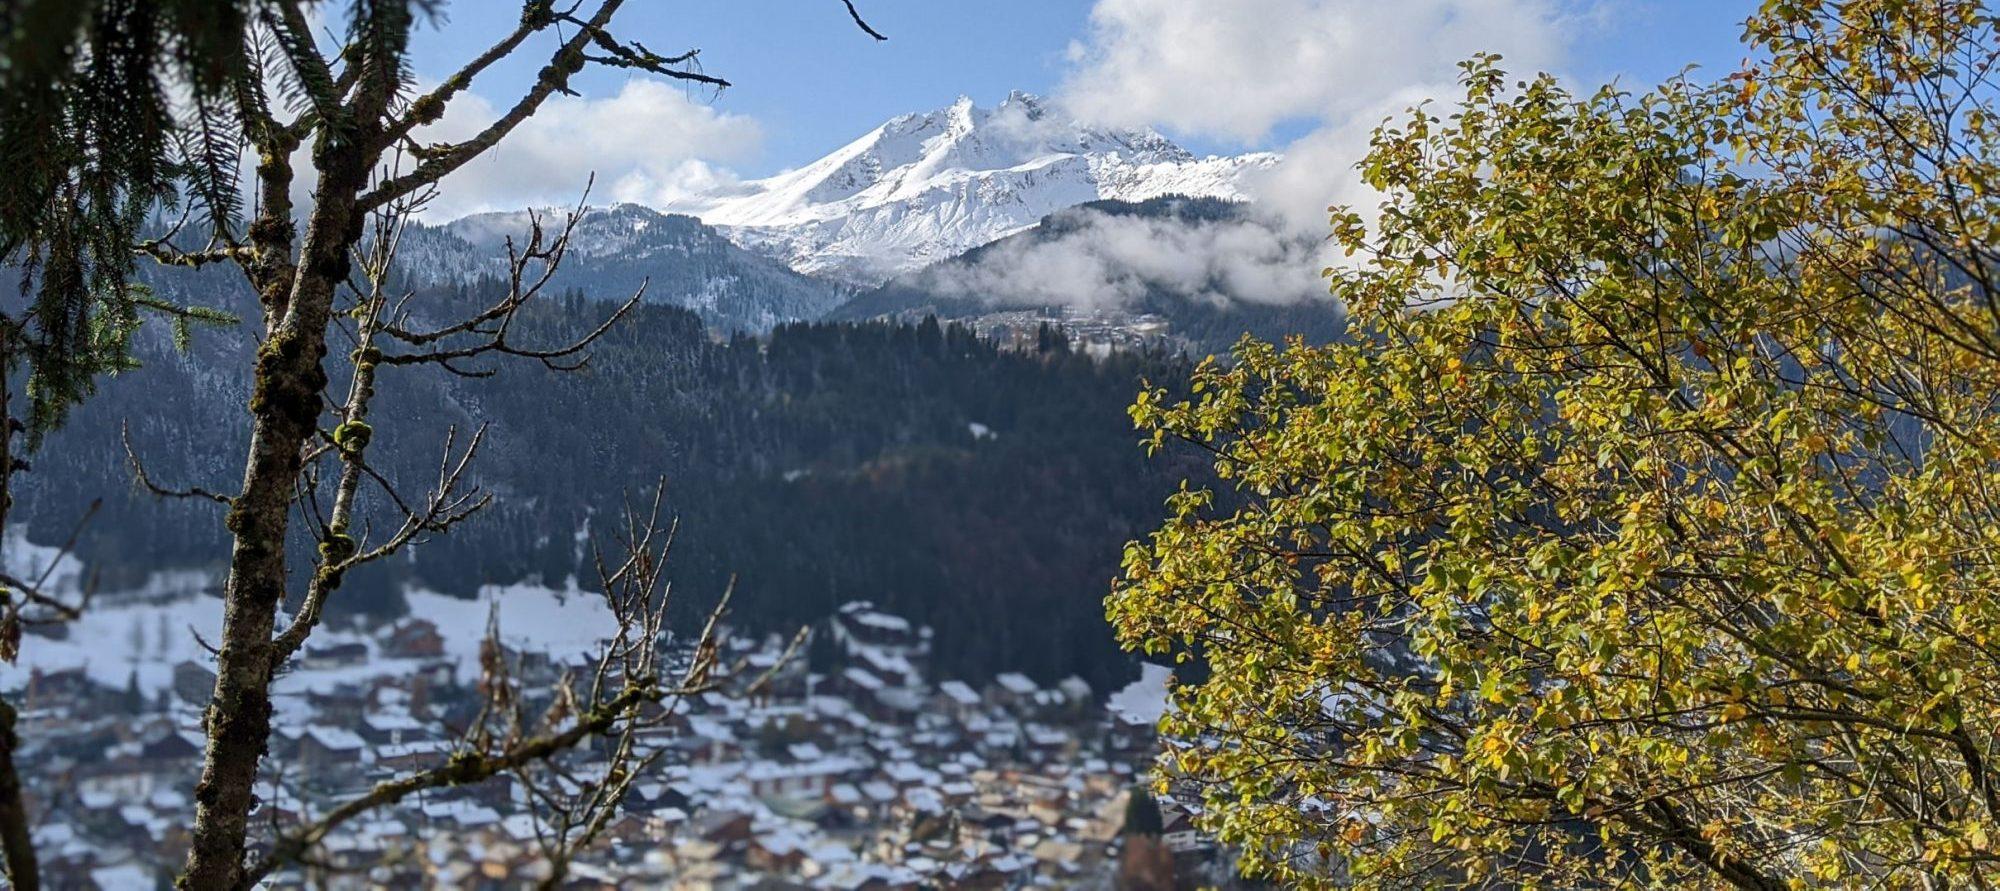 Allez Alps